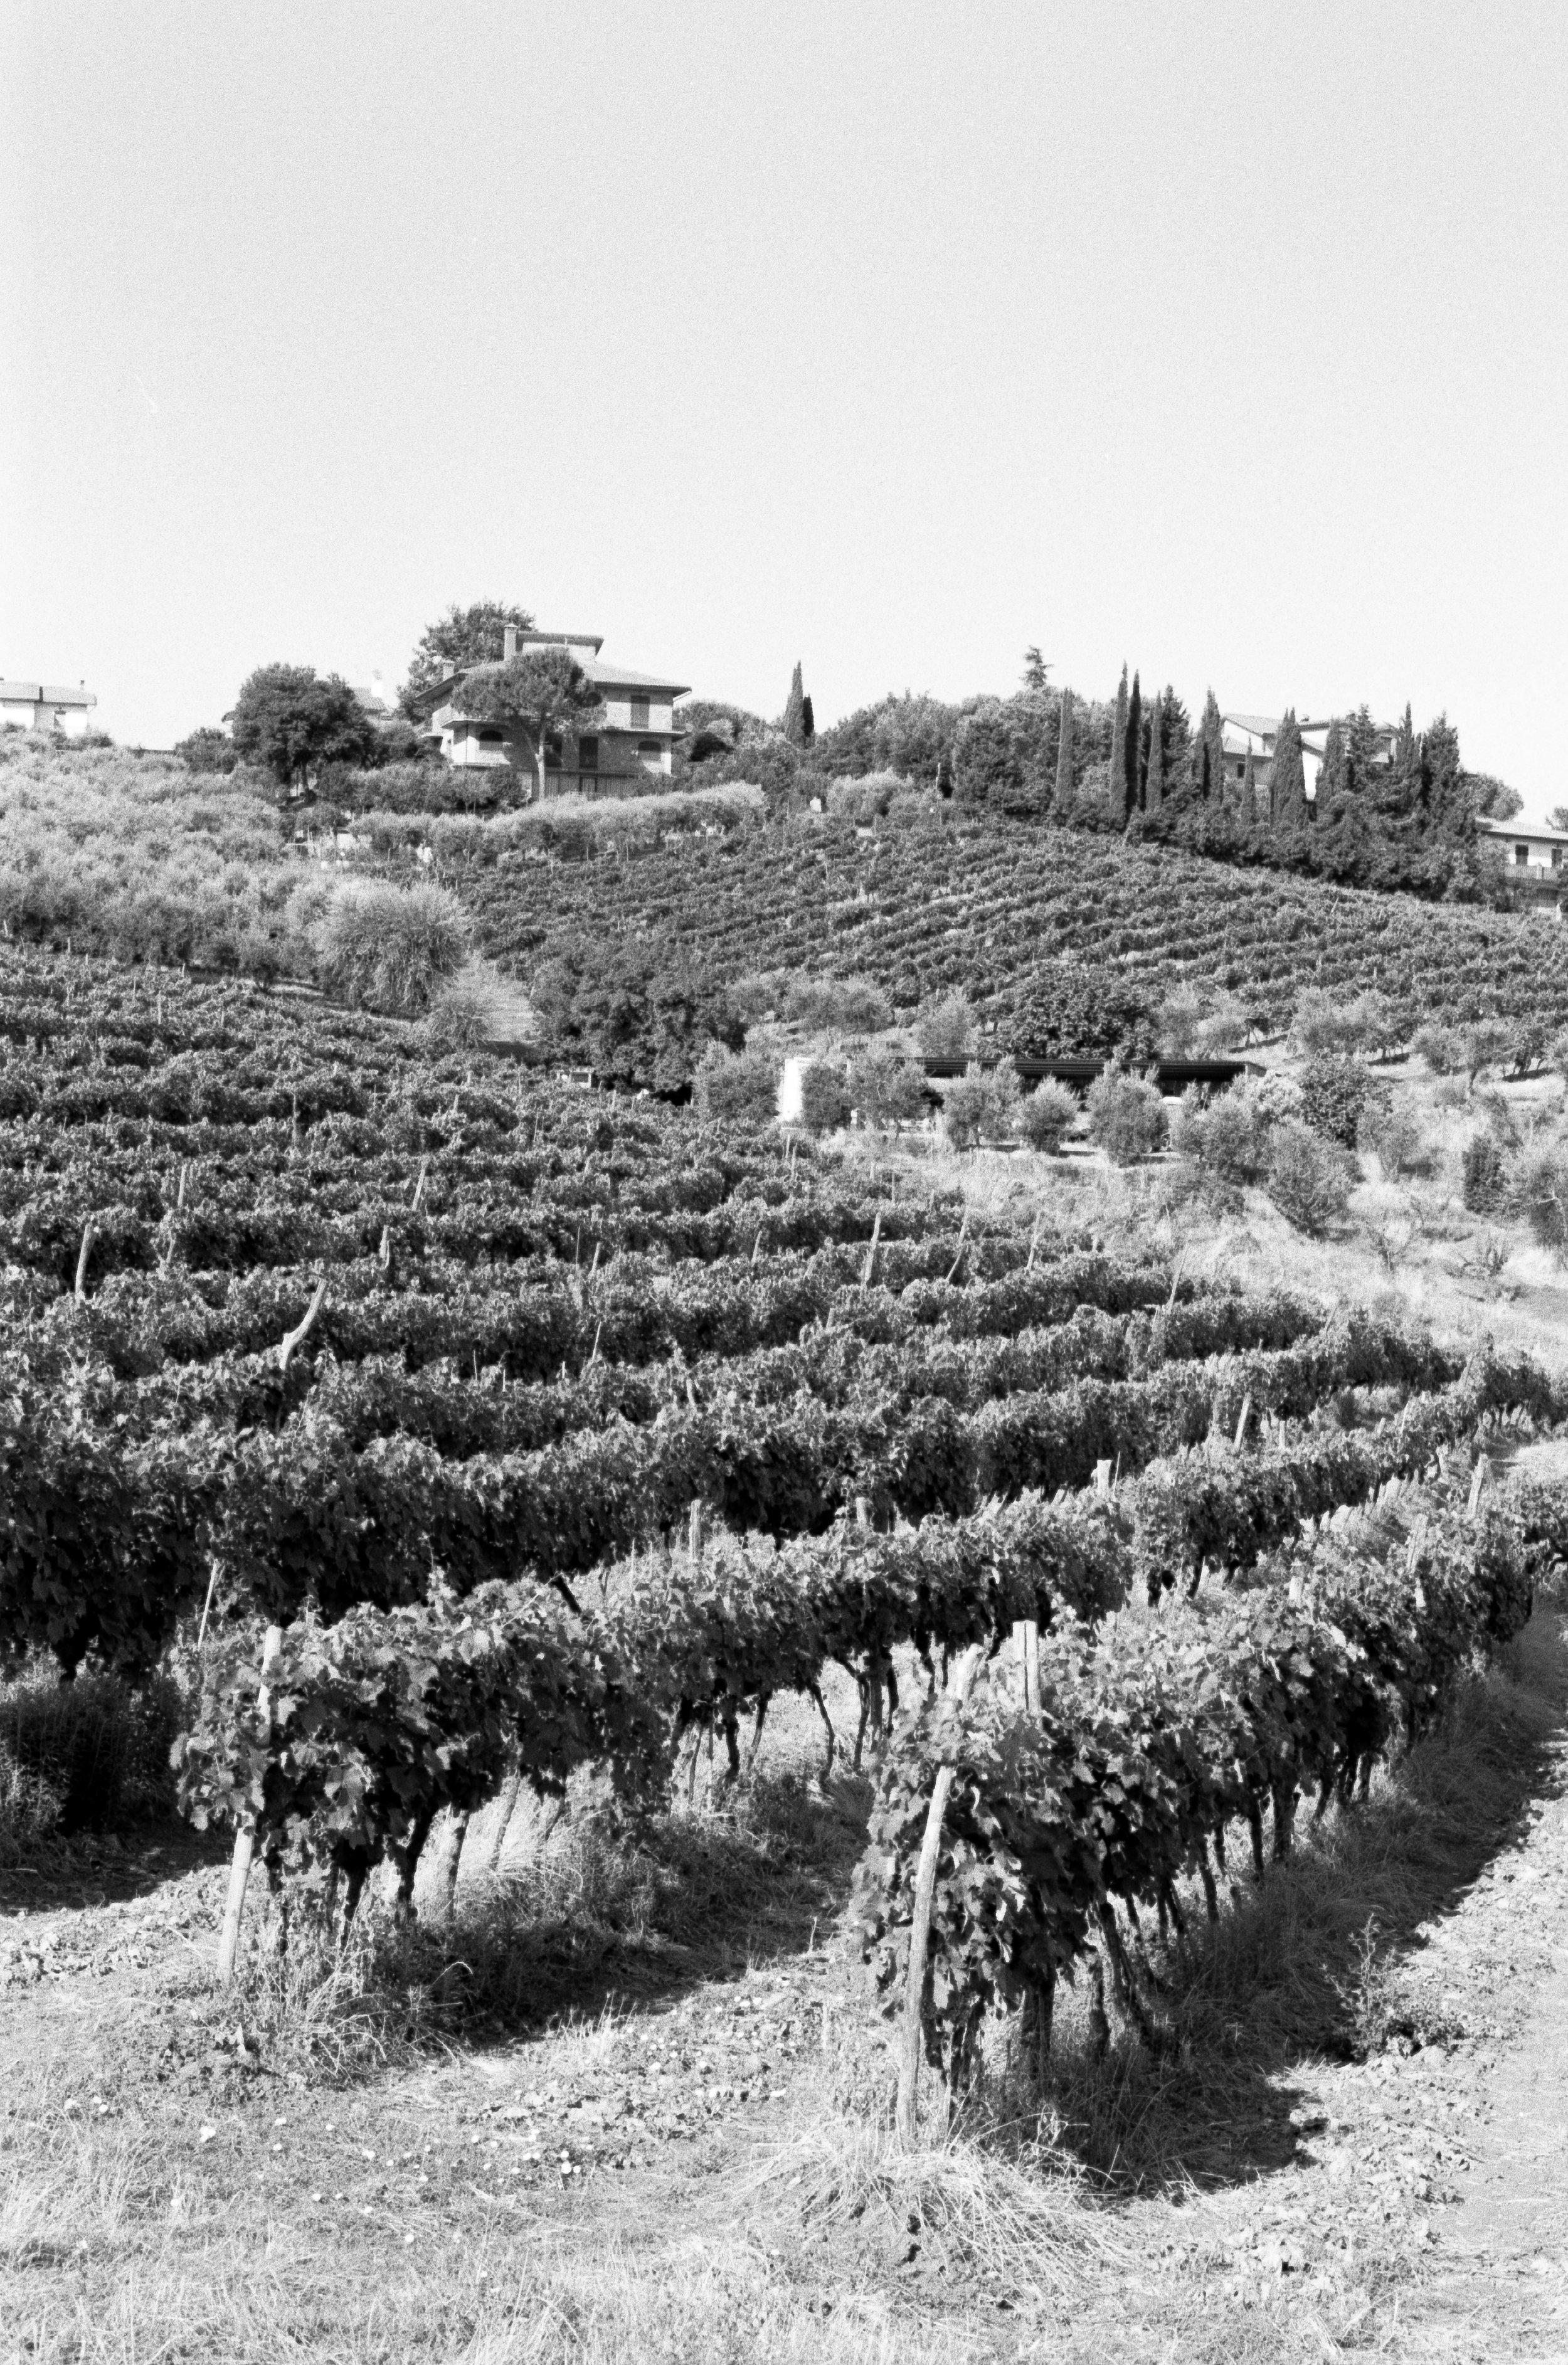 Vineyard, Scipione-Podere Moricci. Montaione. Italy. 2019.